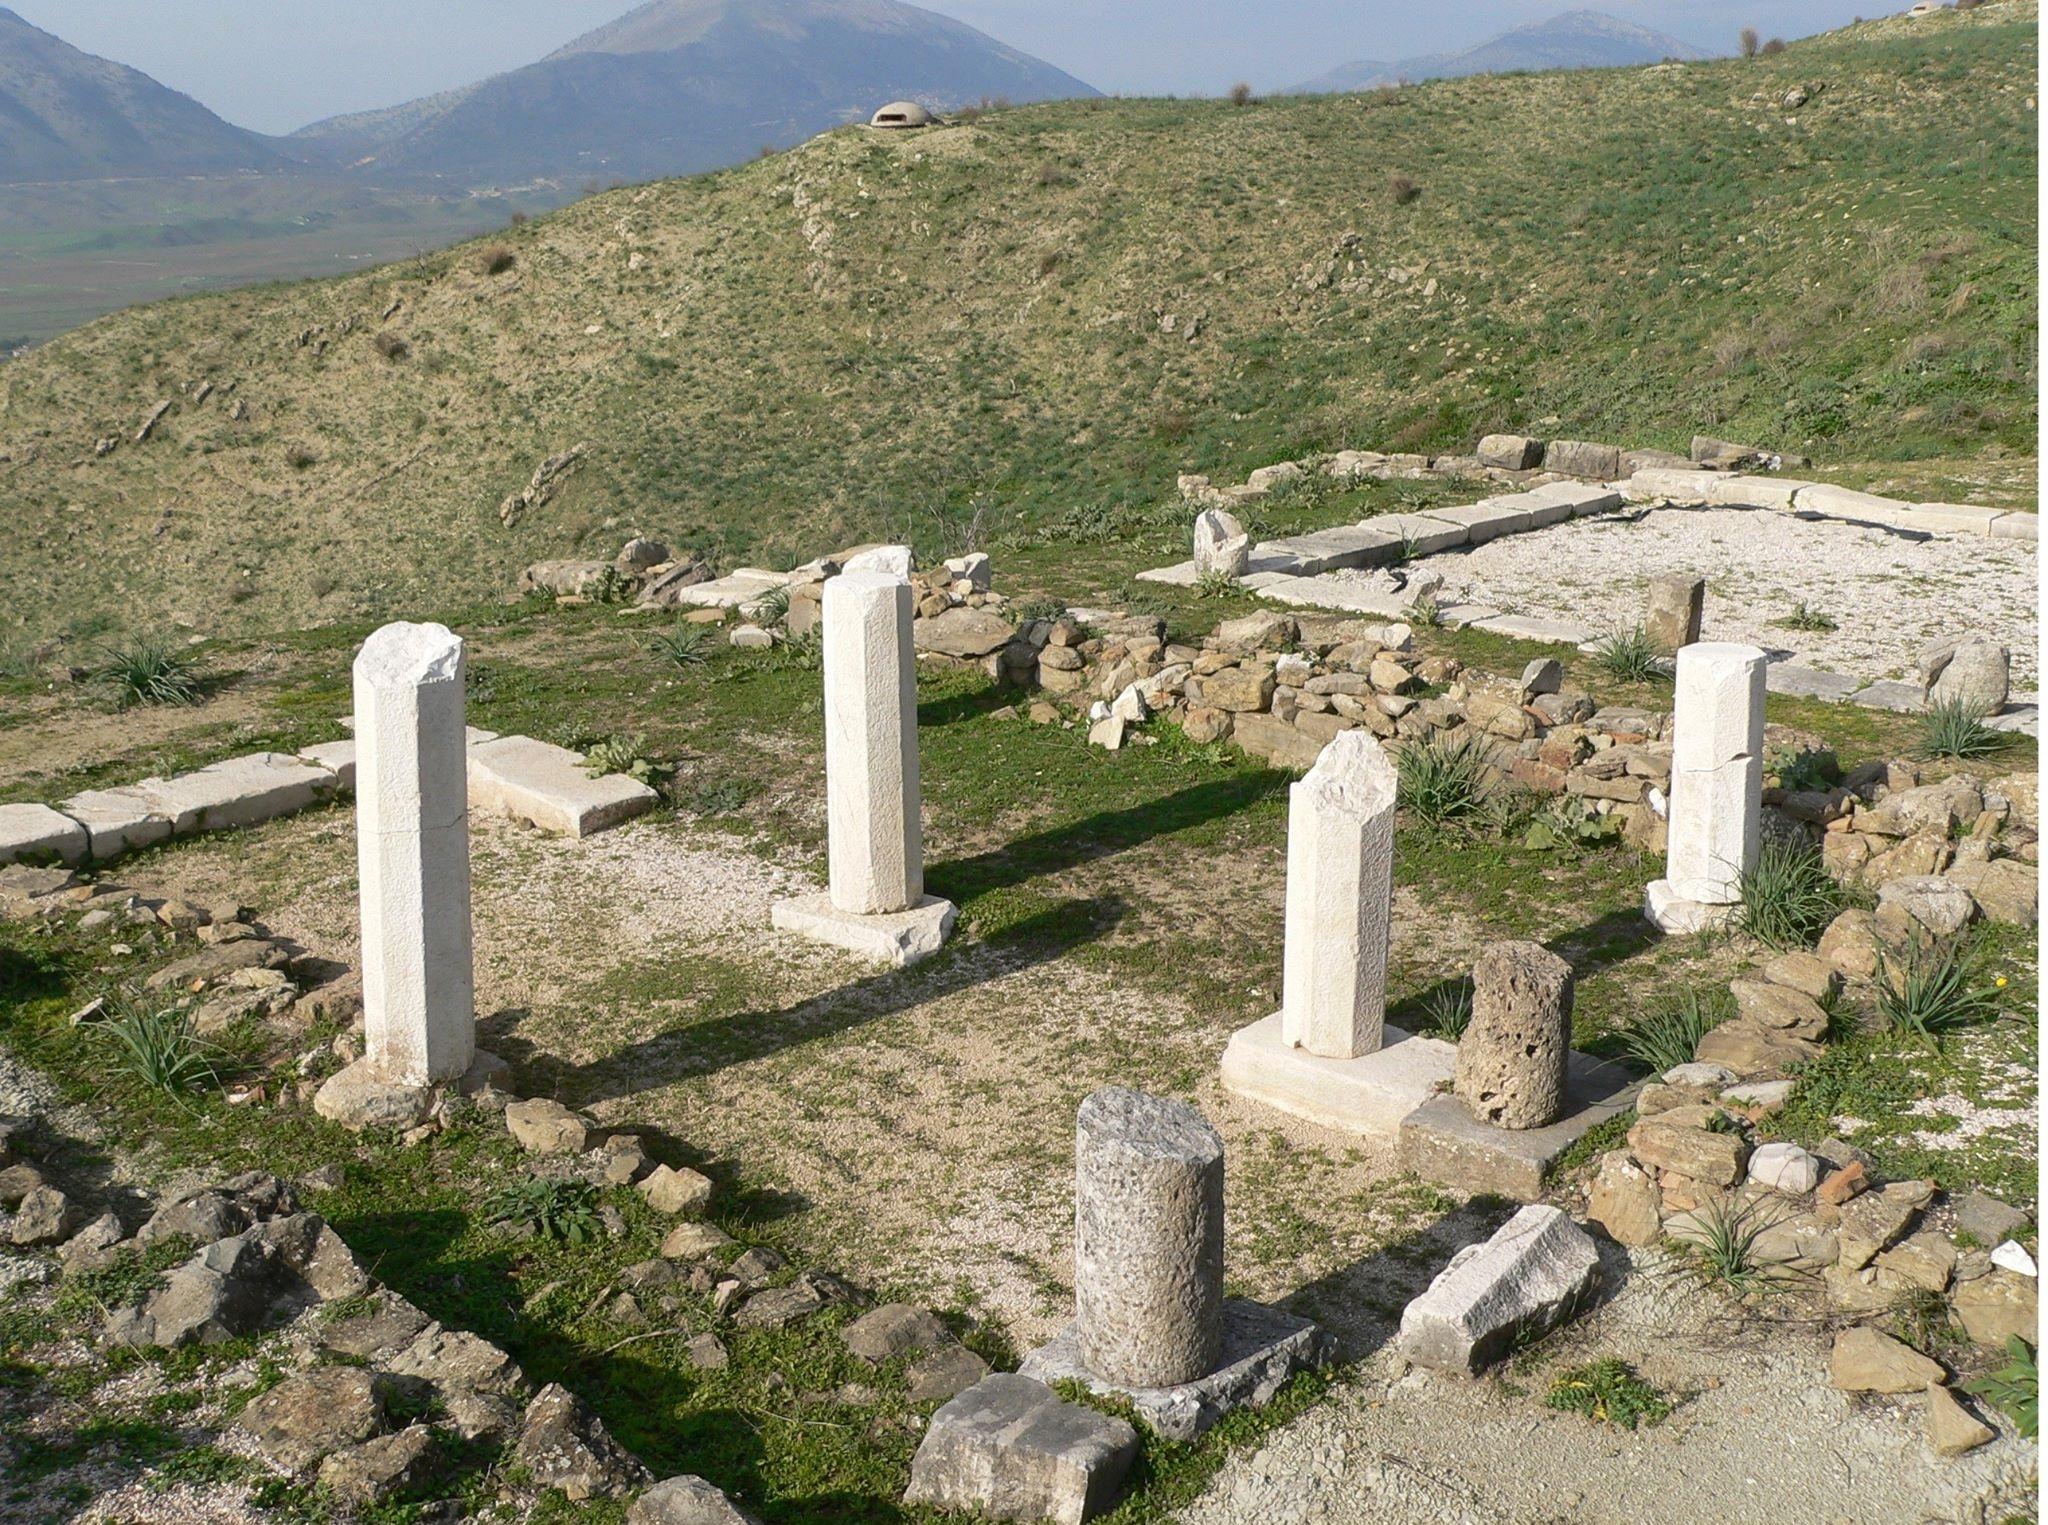 Τα λησμονημένα αρχαιοελληνικά μνημεία της Αλβανίας. Η προσπάθεια των εθνικιστών να τα βαφτίσουν ρωμαϊκά ή να τα καταστρέψουν. Ποια περιοχή θεωρείται το δεύτερο Άγιο Όρος